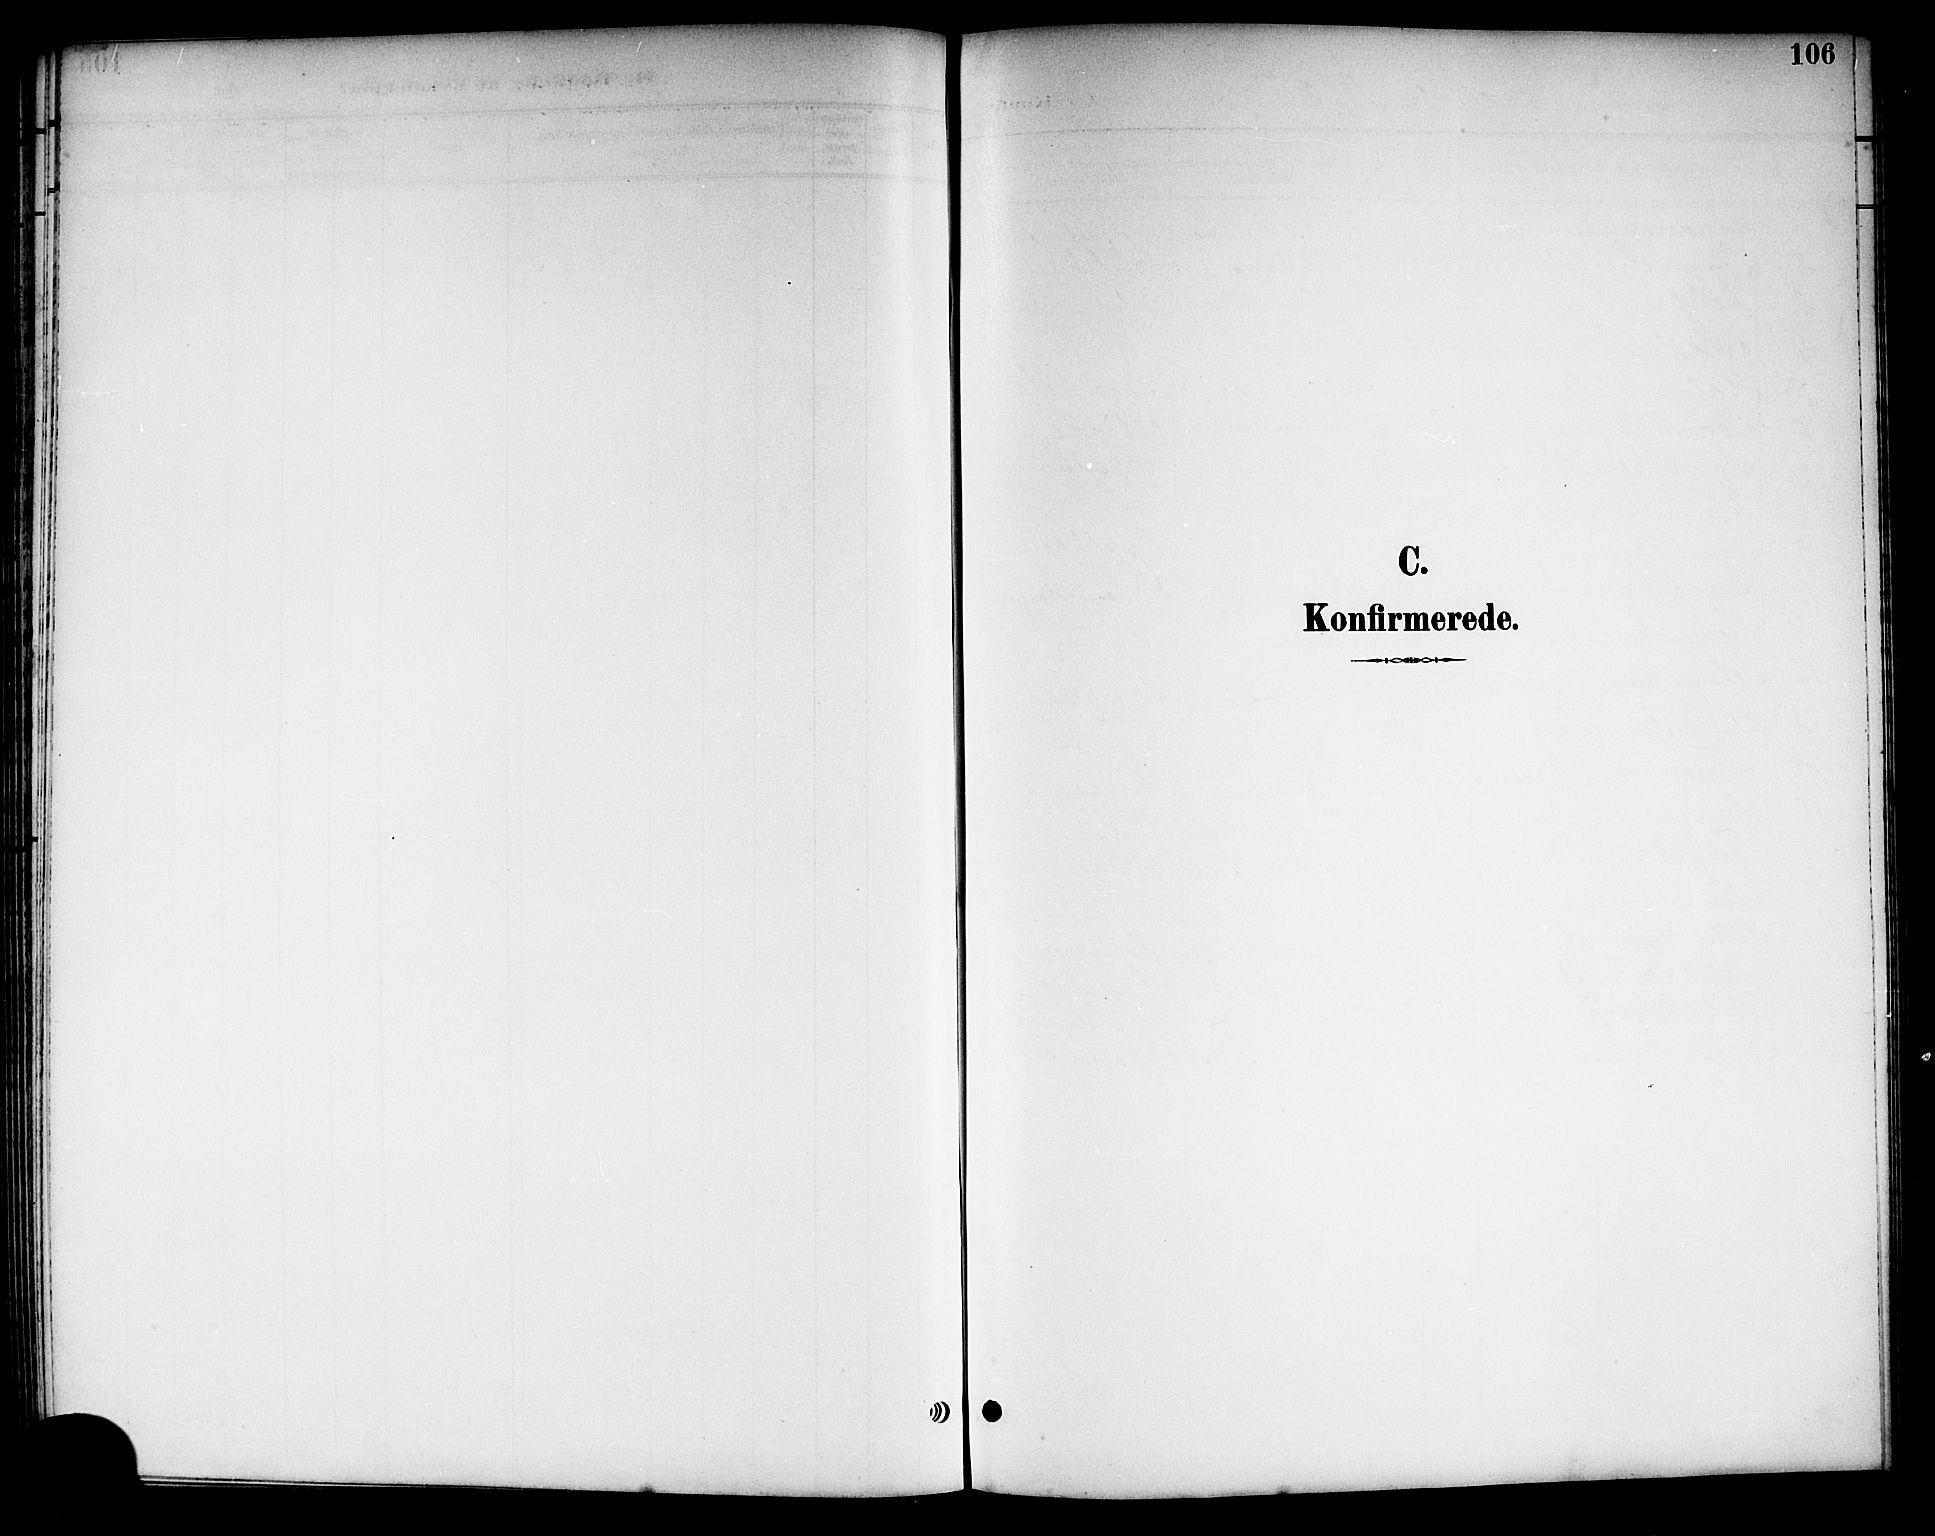 SAKO, Kviteseid kirkebøker, G/Ga/L0002: Klokkerbok nr. I 2, 1893-1918, s. 106